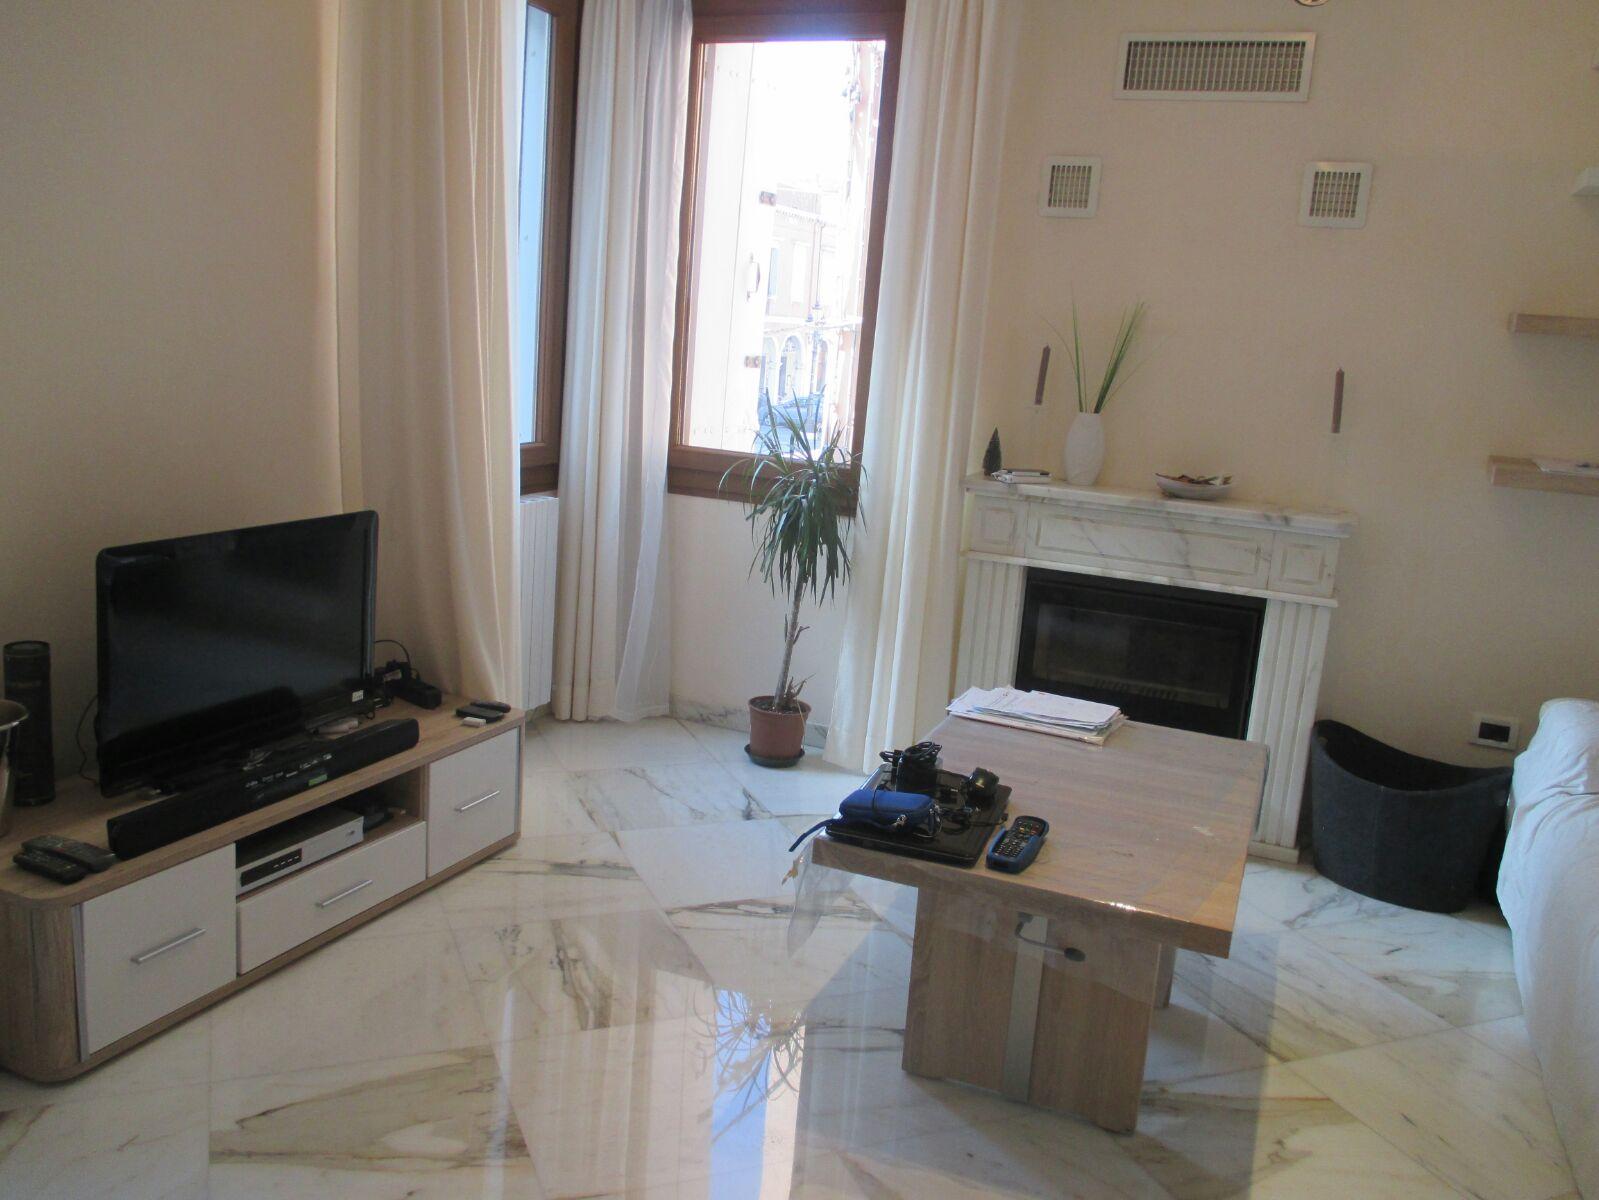 Vendesi appartamento ristrutturato di 70 mq.con affaccio sul Corso del Popolo PREZZO RIBASSATO